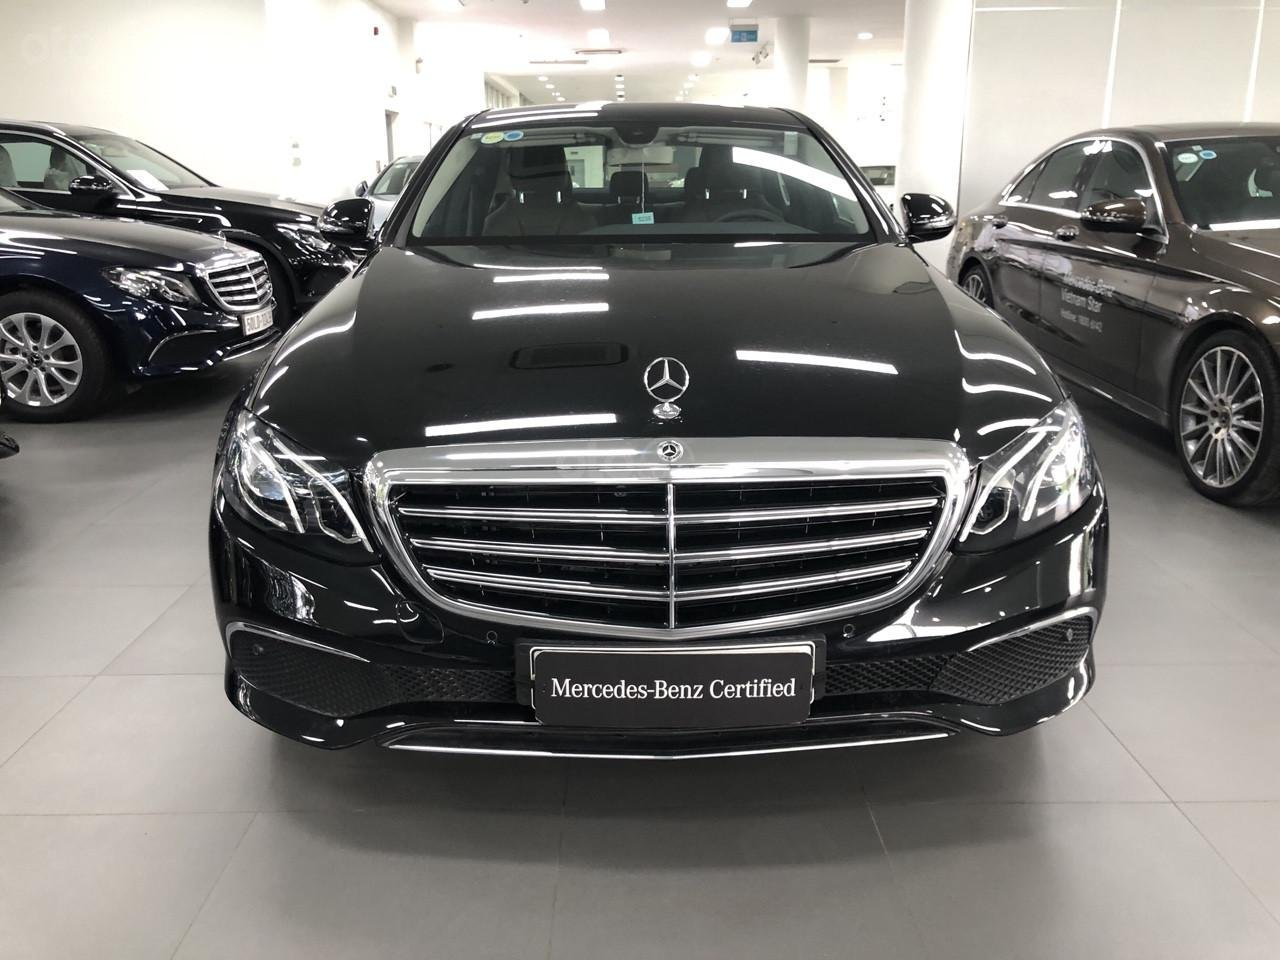 Bán Mercedes-Benz E200 2019, 30km, nhận ngay bảo hiểm thân xe (2)